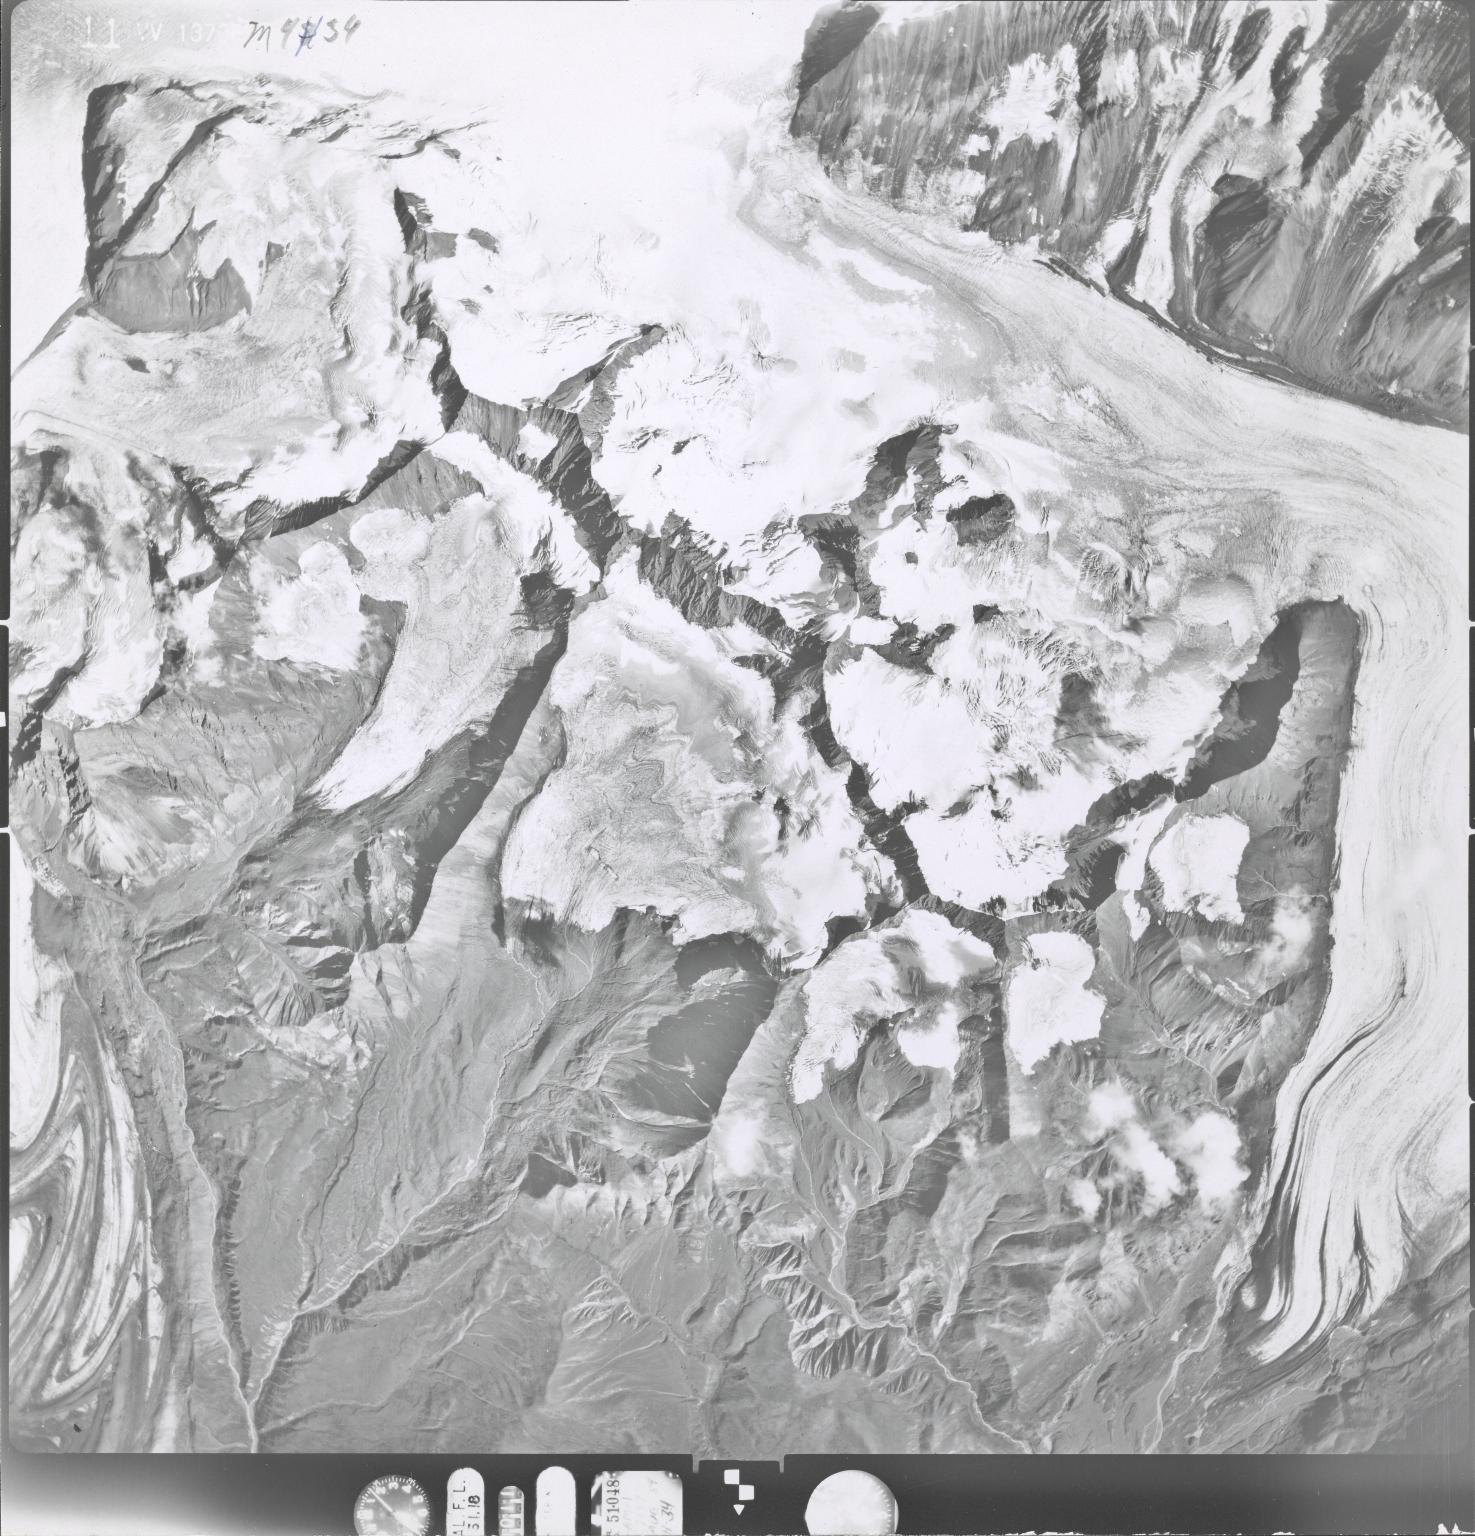 Gakona Glacier, Alaska